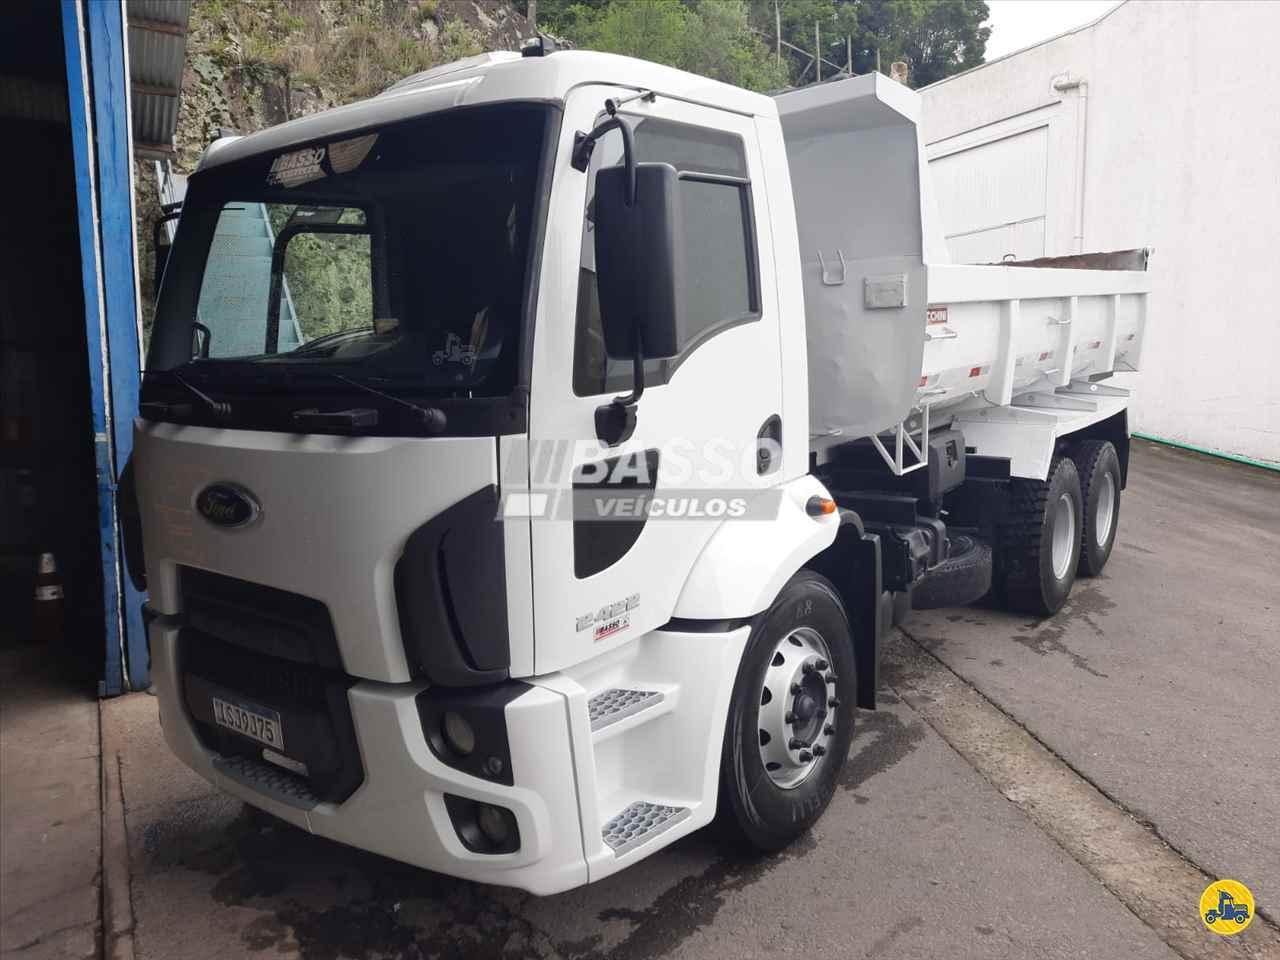 CAMINHAO FORD CARGO 2422 Caçamba Basculante Truck 6x2 Basso Veículos GARIBALDI RIO GRANDE DO SUL RS